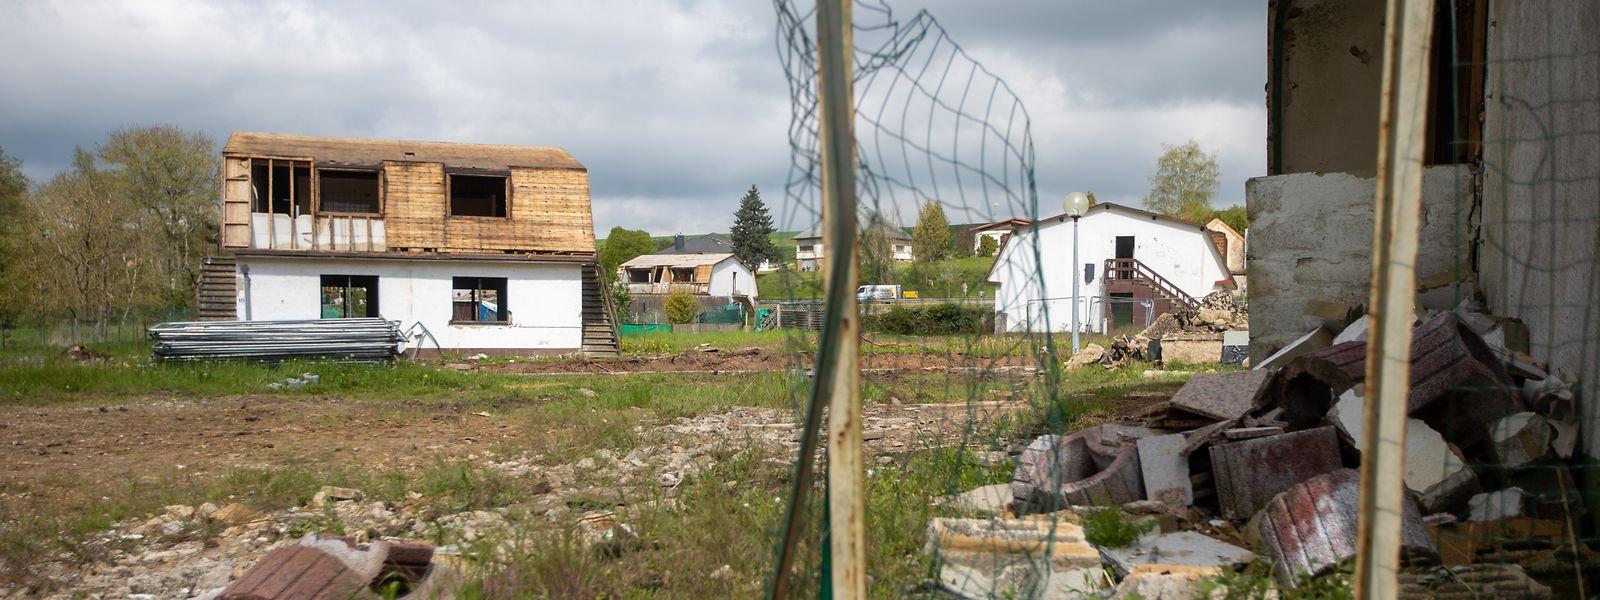 Arbeiter treiben den Rückbau der letzten verbliebenen Häuser voran. Die aufwendige Asbestsanierung ist abgeschlossen.